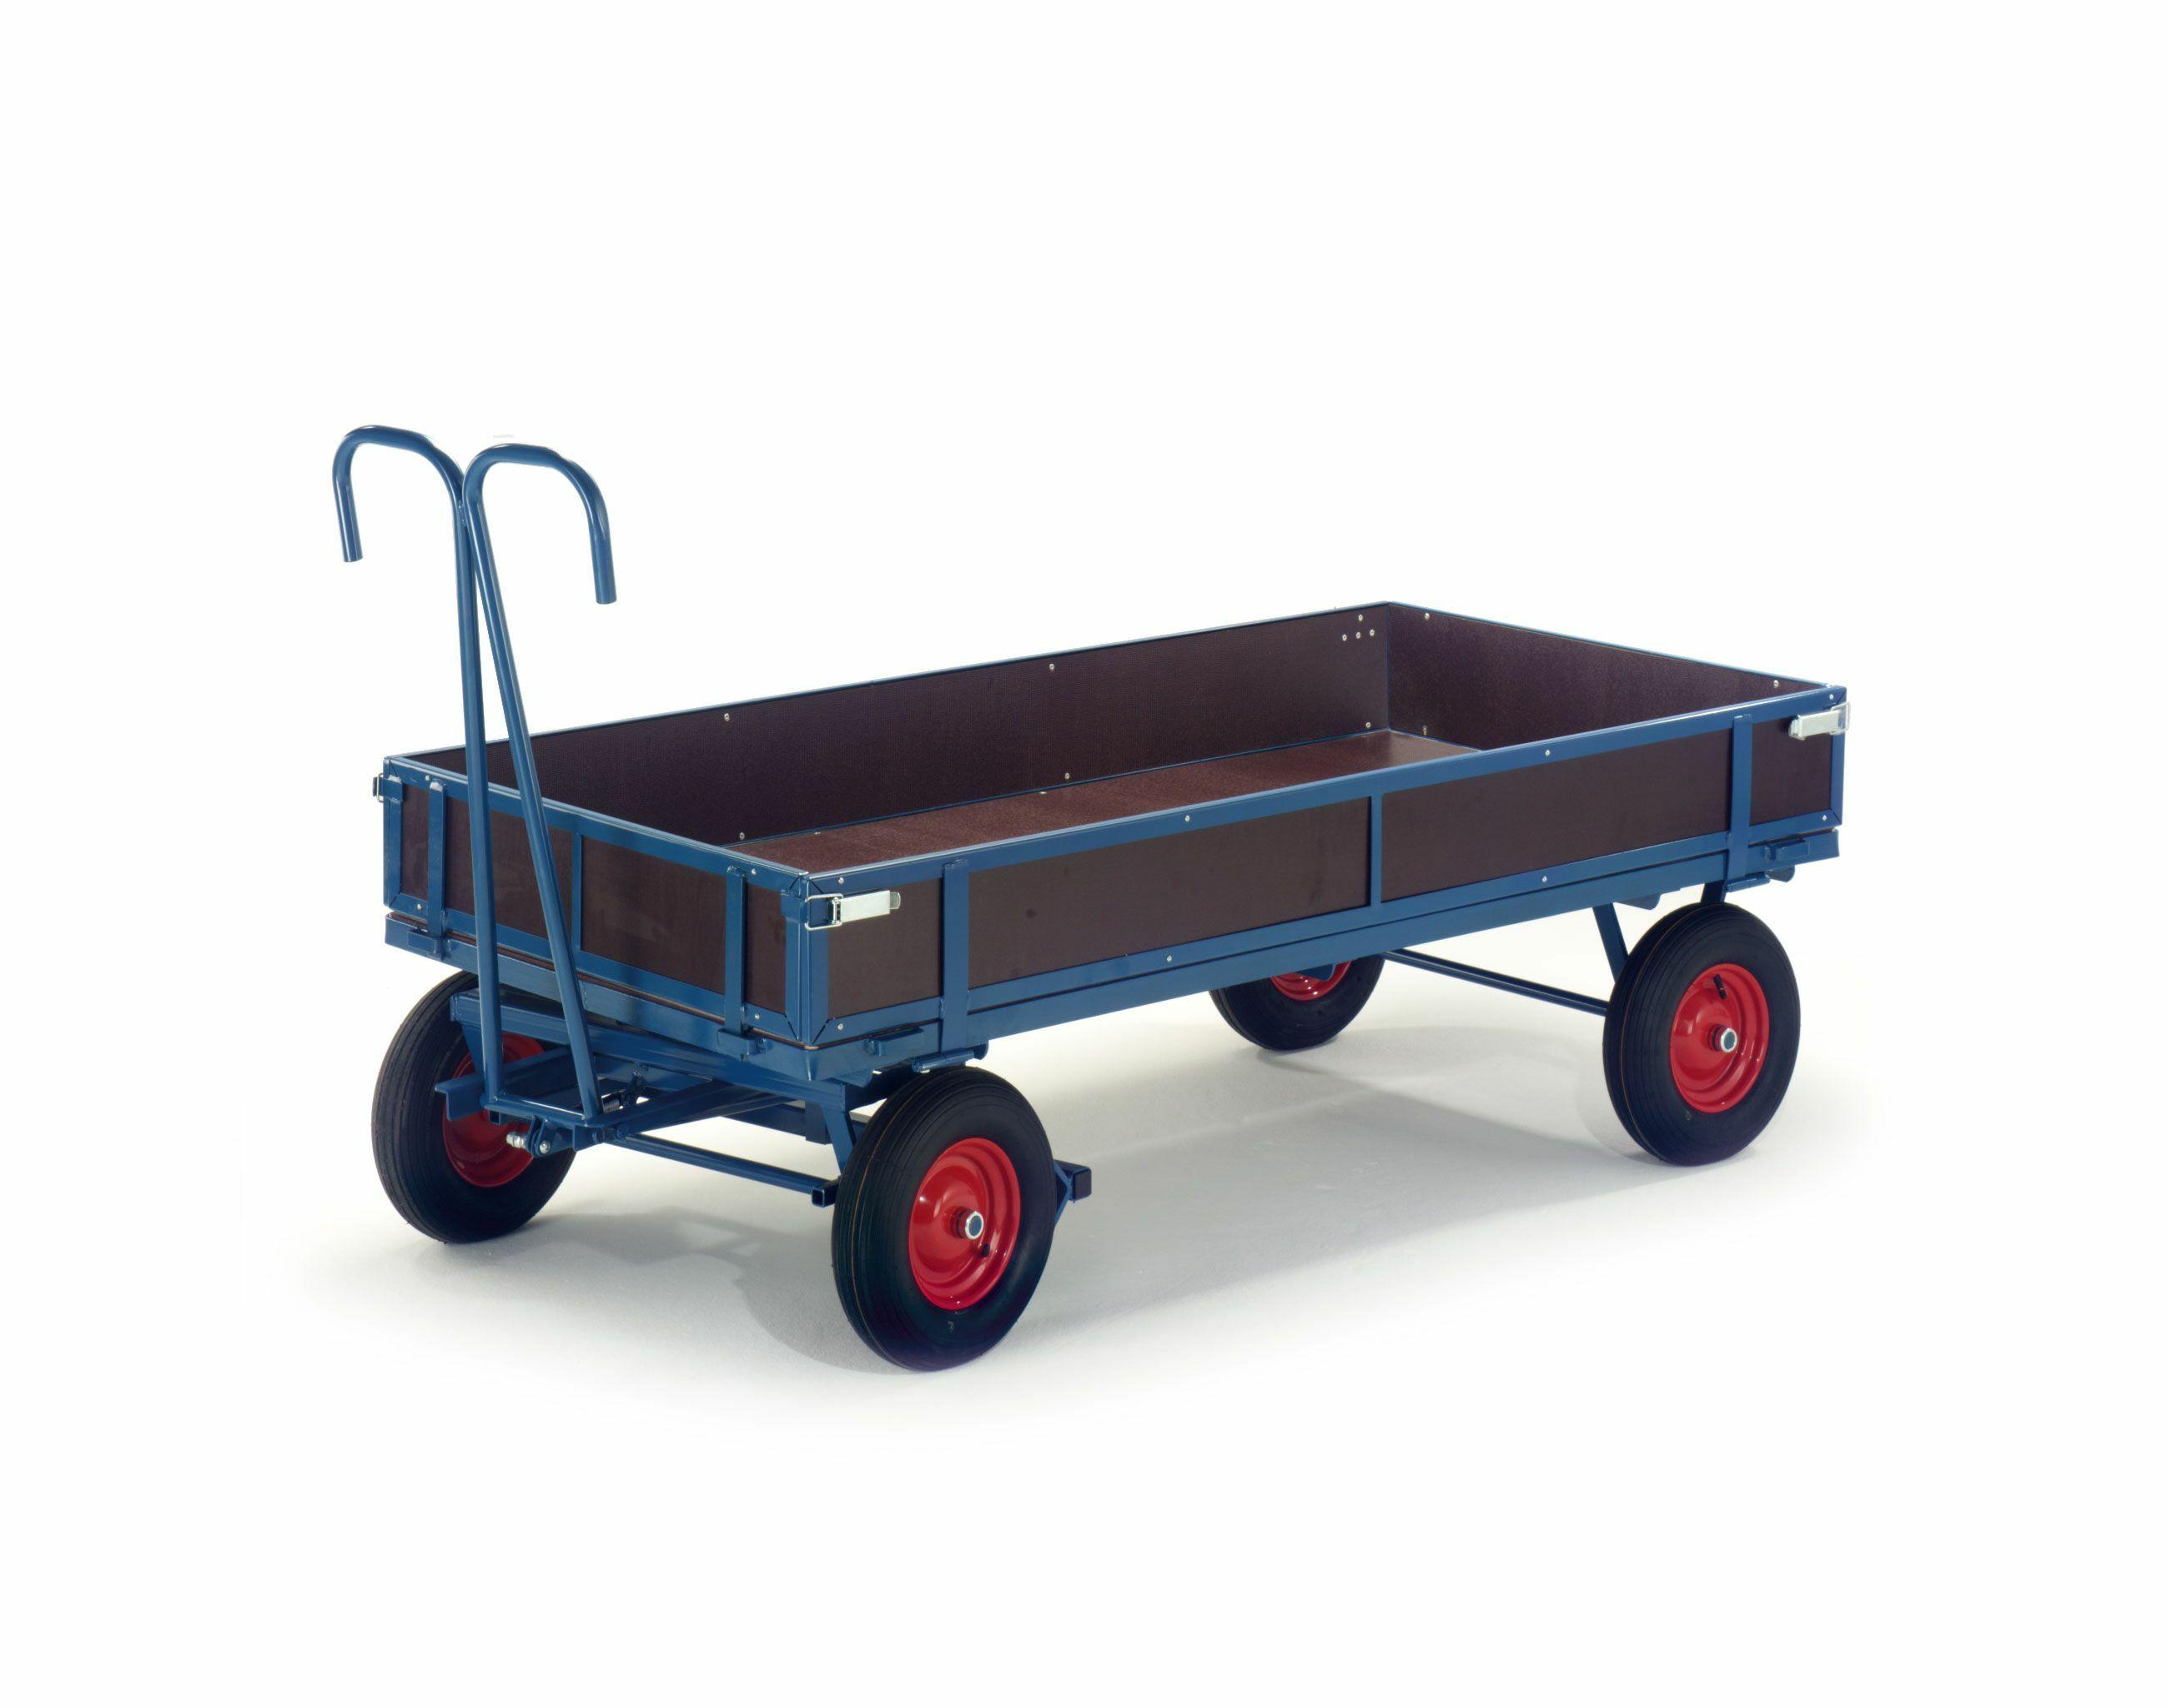 zubeh r zum handpritschenwagen online kaufen padberg palatec shop. Black Bedroom Furniture Sets. Home Design Ideas